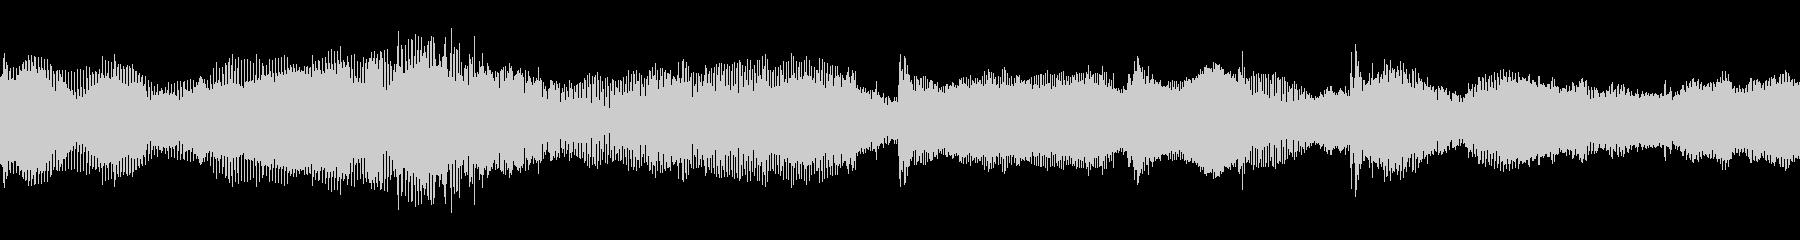 シンセサイザーによる緊迫した音楽の未再生の波形